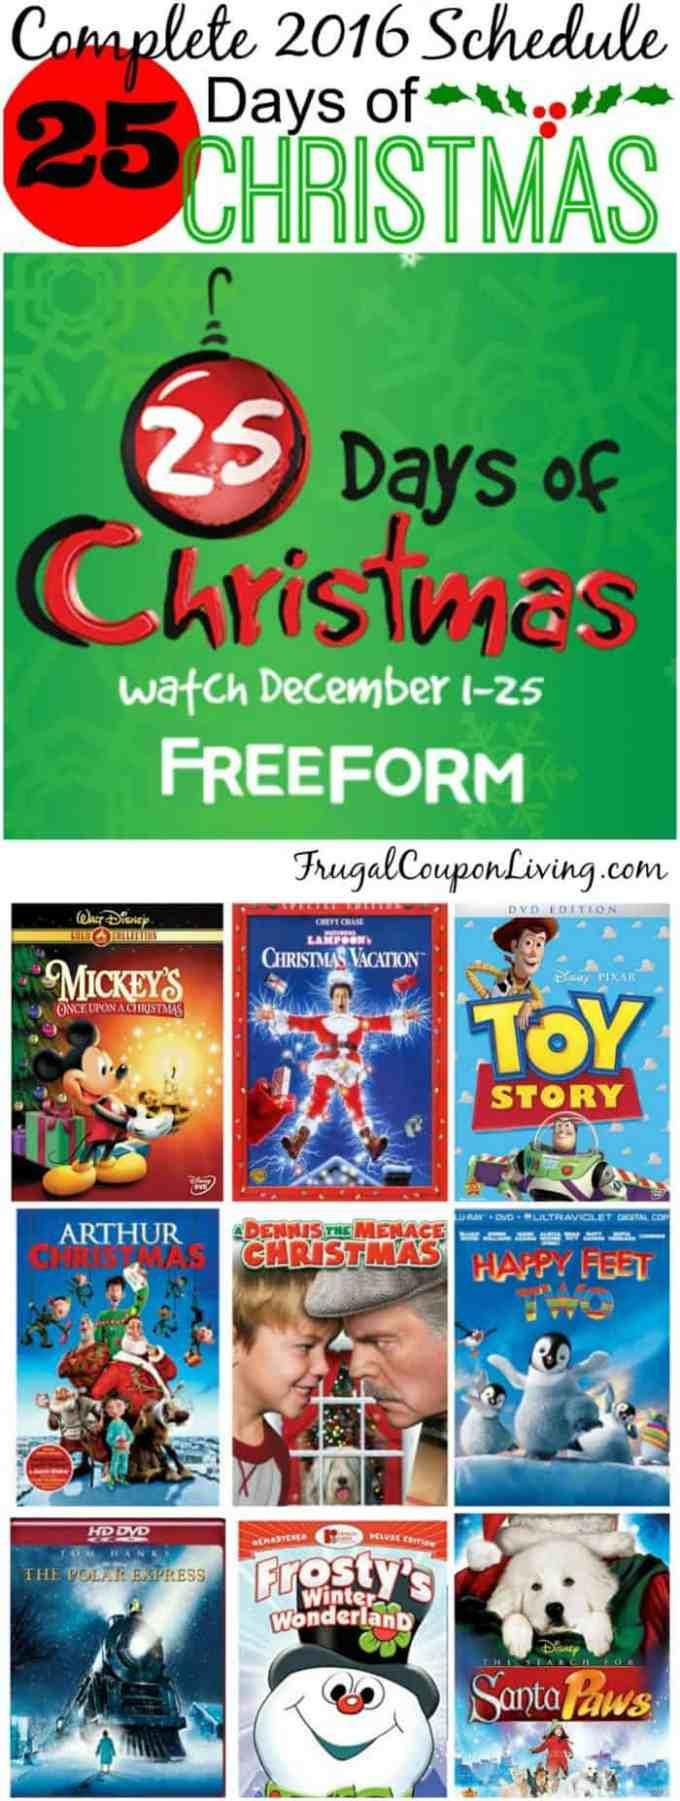 freeform 25 days of christmas 2017 christmaswalls co